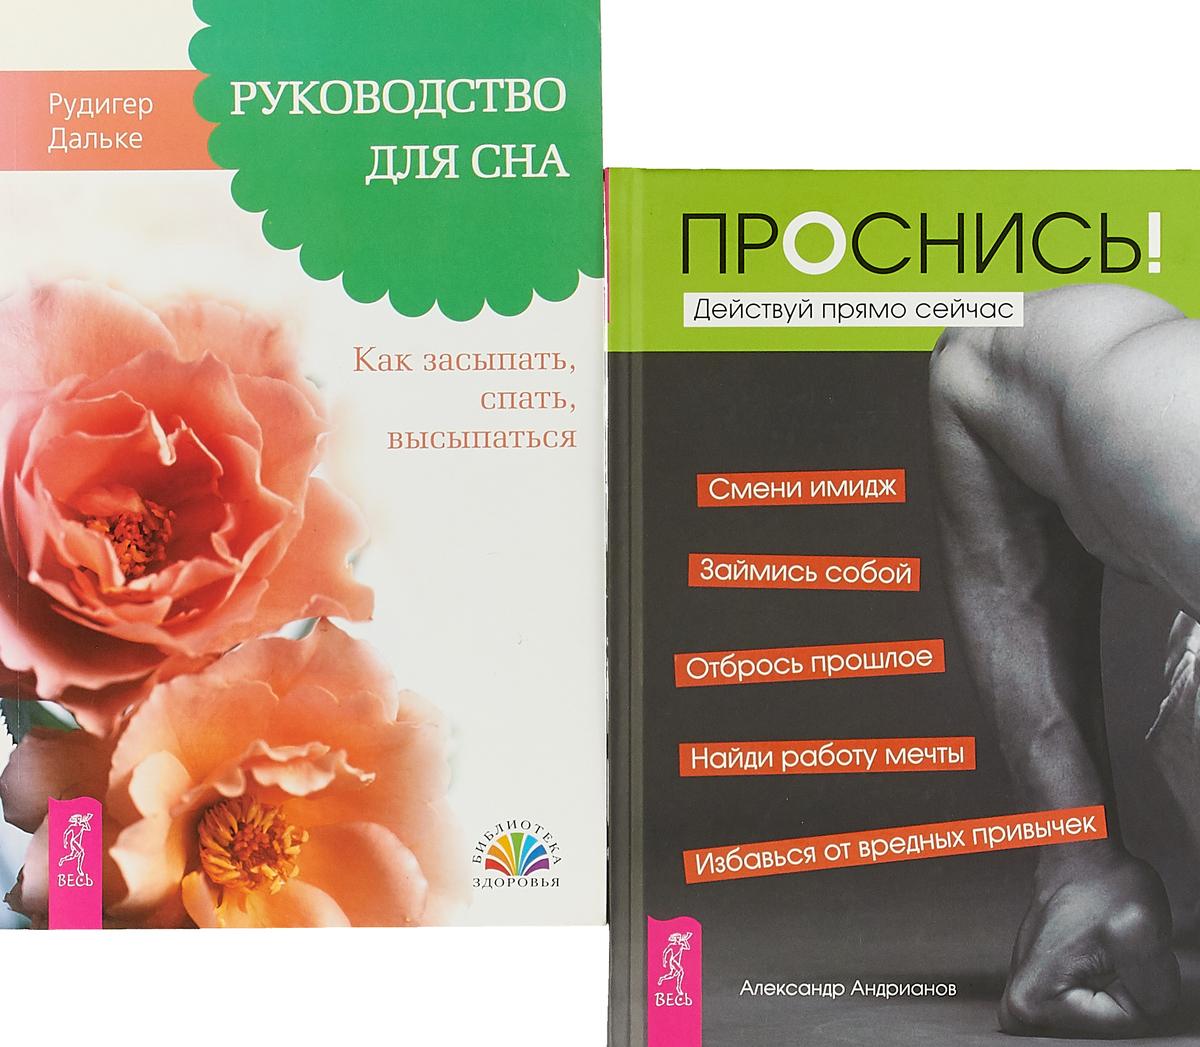 купить Рудигер Дальке, Александр Андрианов Проснись! Руководство для сна (комплект из 2 книг) по цене 659 рублей